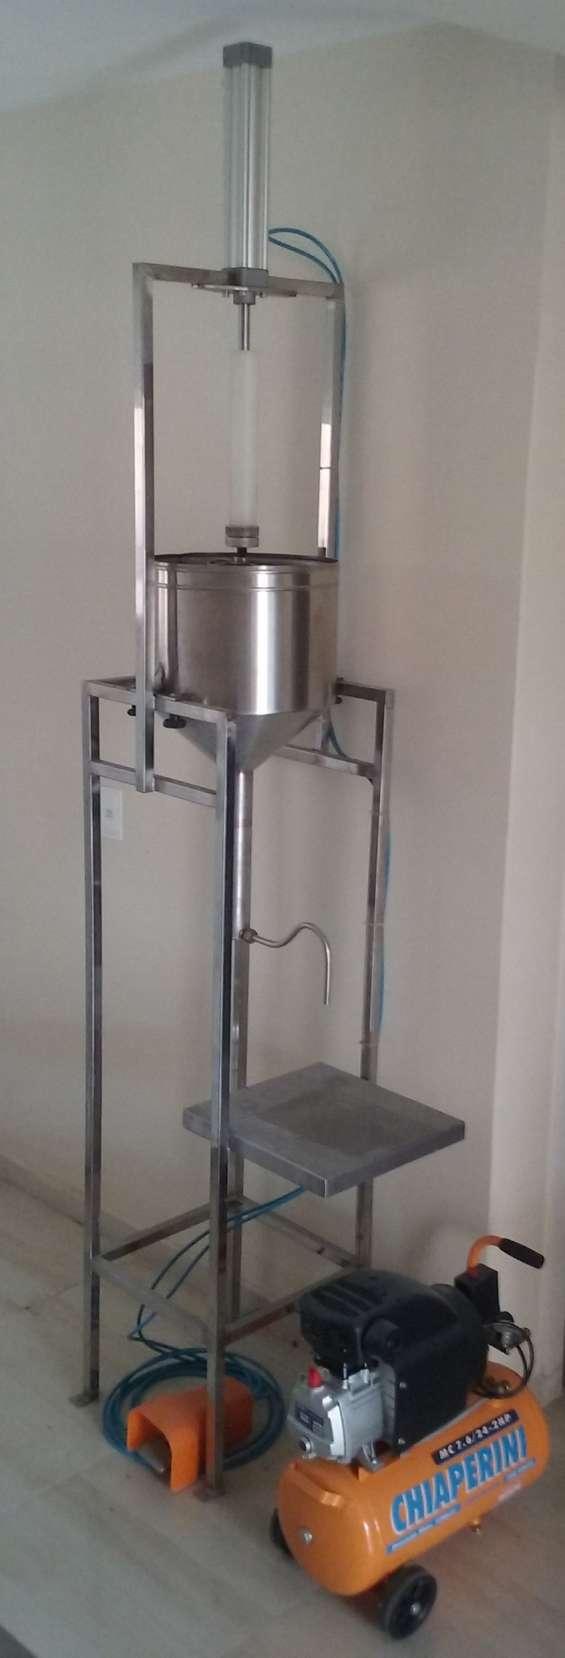 Vendo máquina dosadora pingadeira automatica para fazer bolos e outros